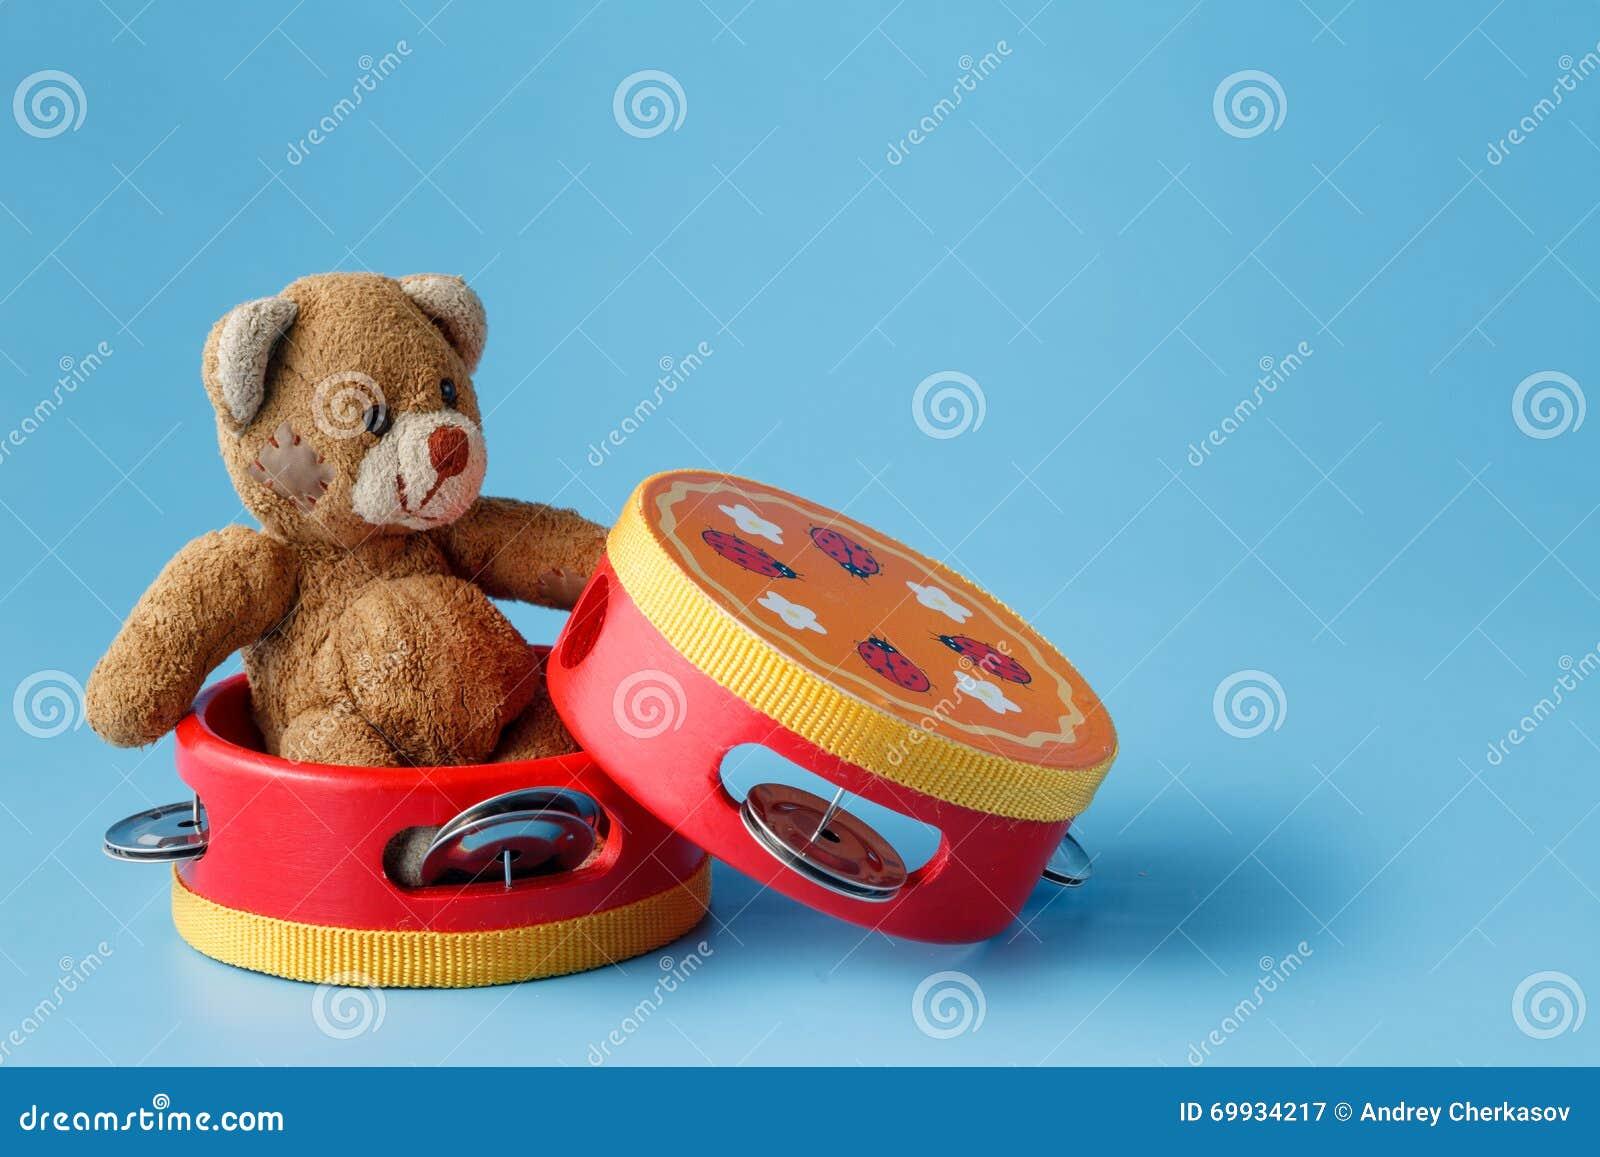 Toy Musical-instrumenten